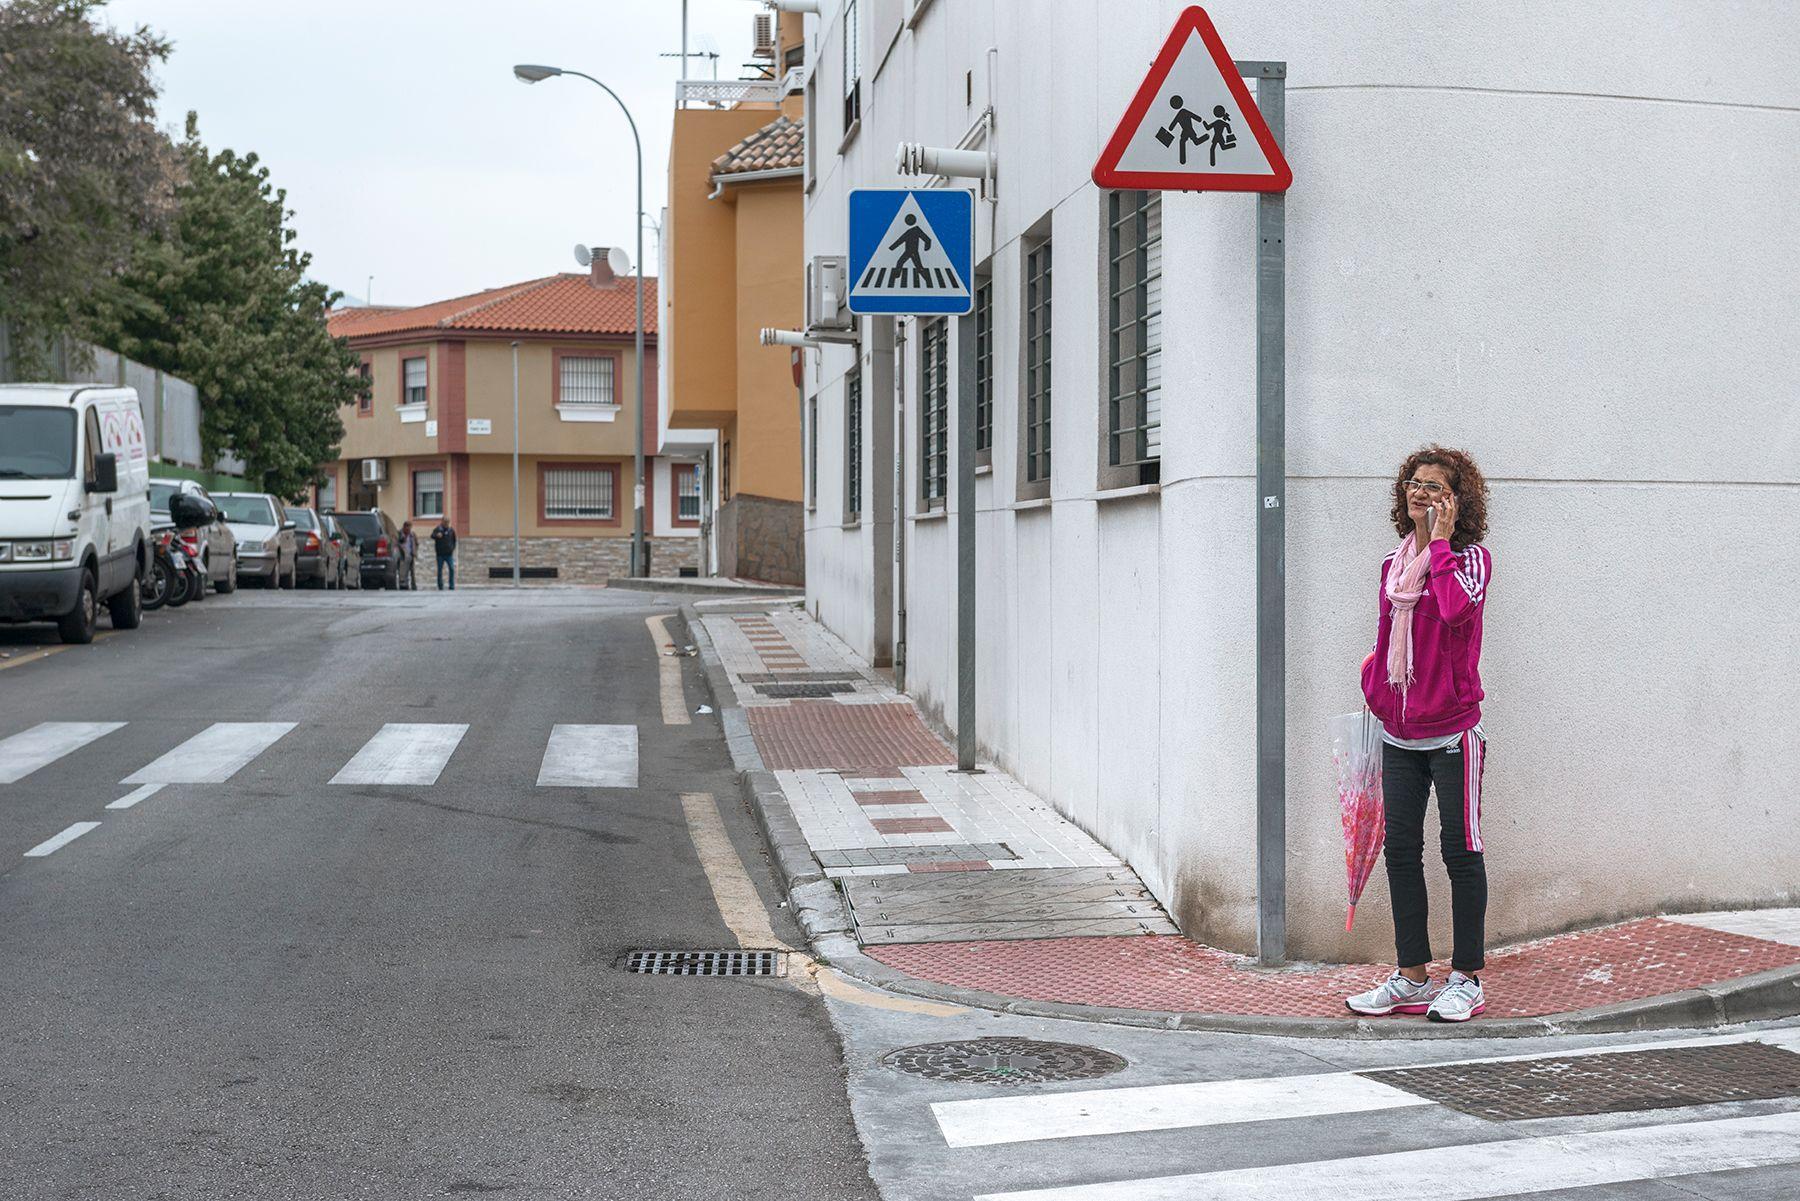 Señales de tráfico o señales de tránsito